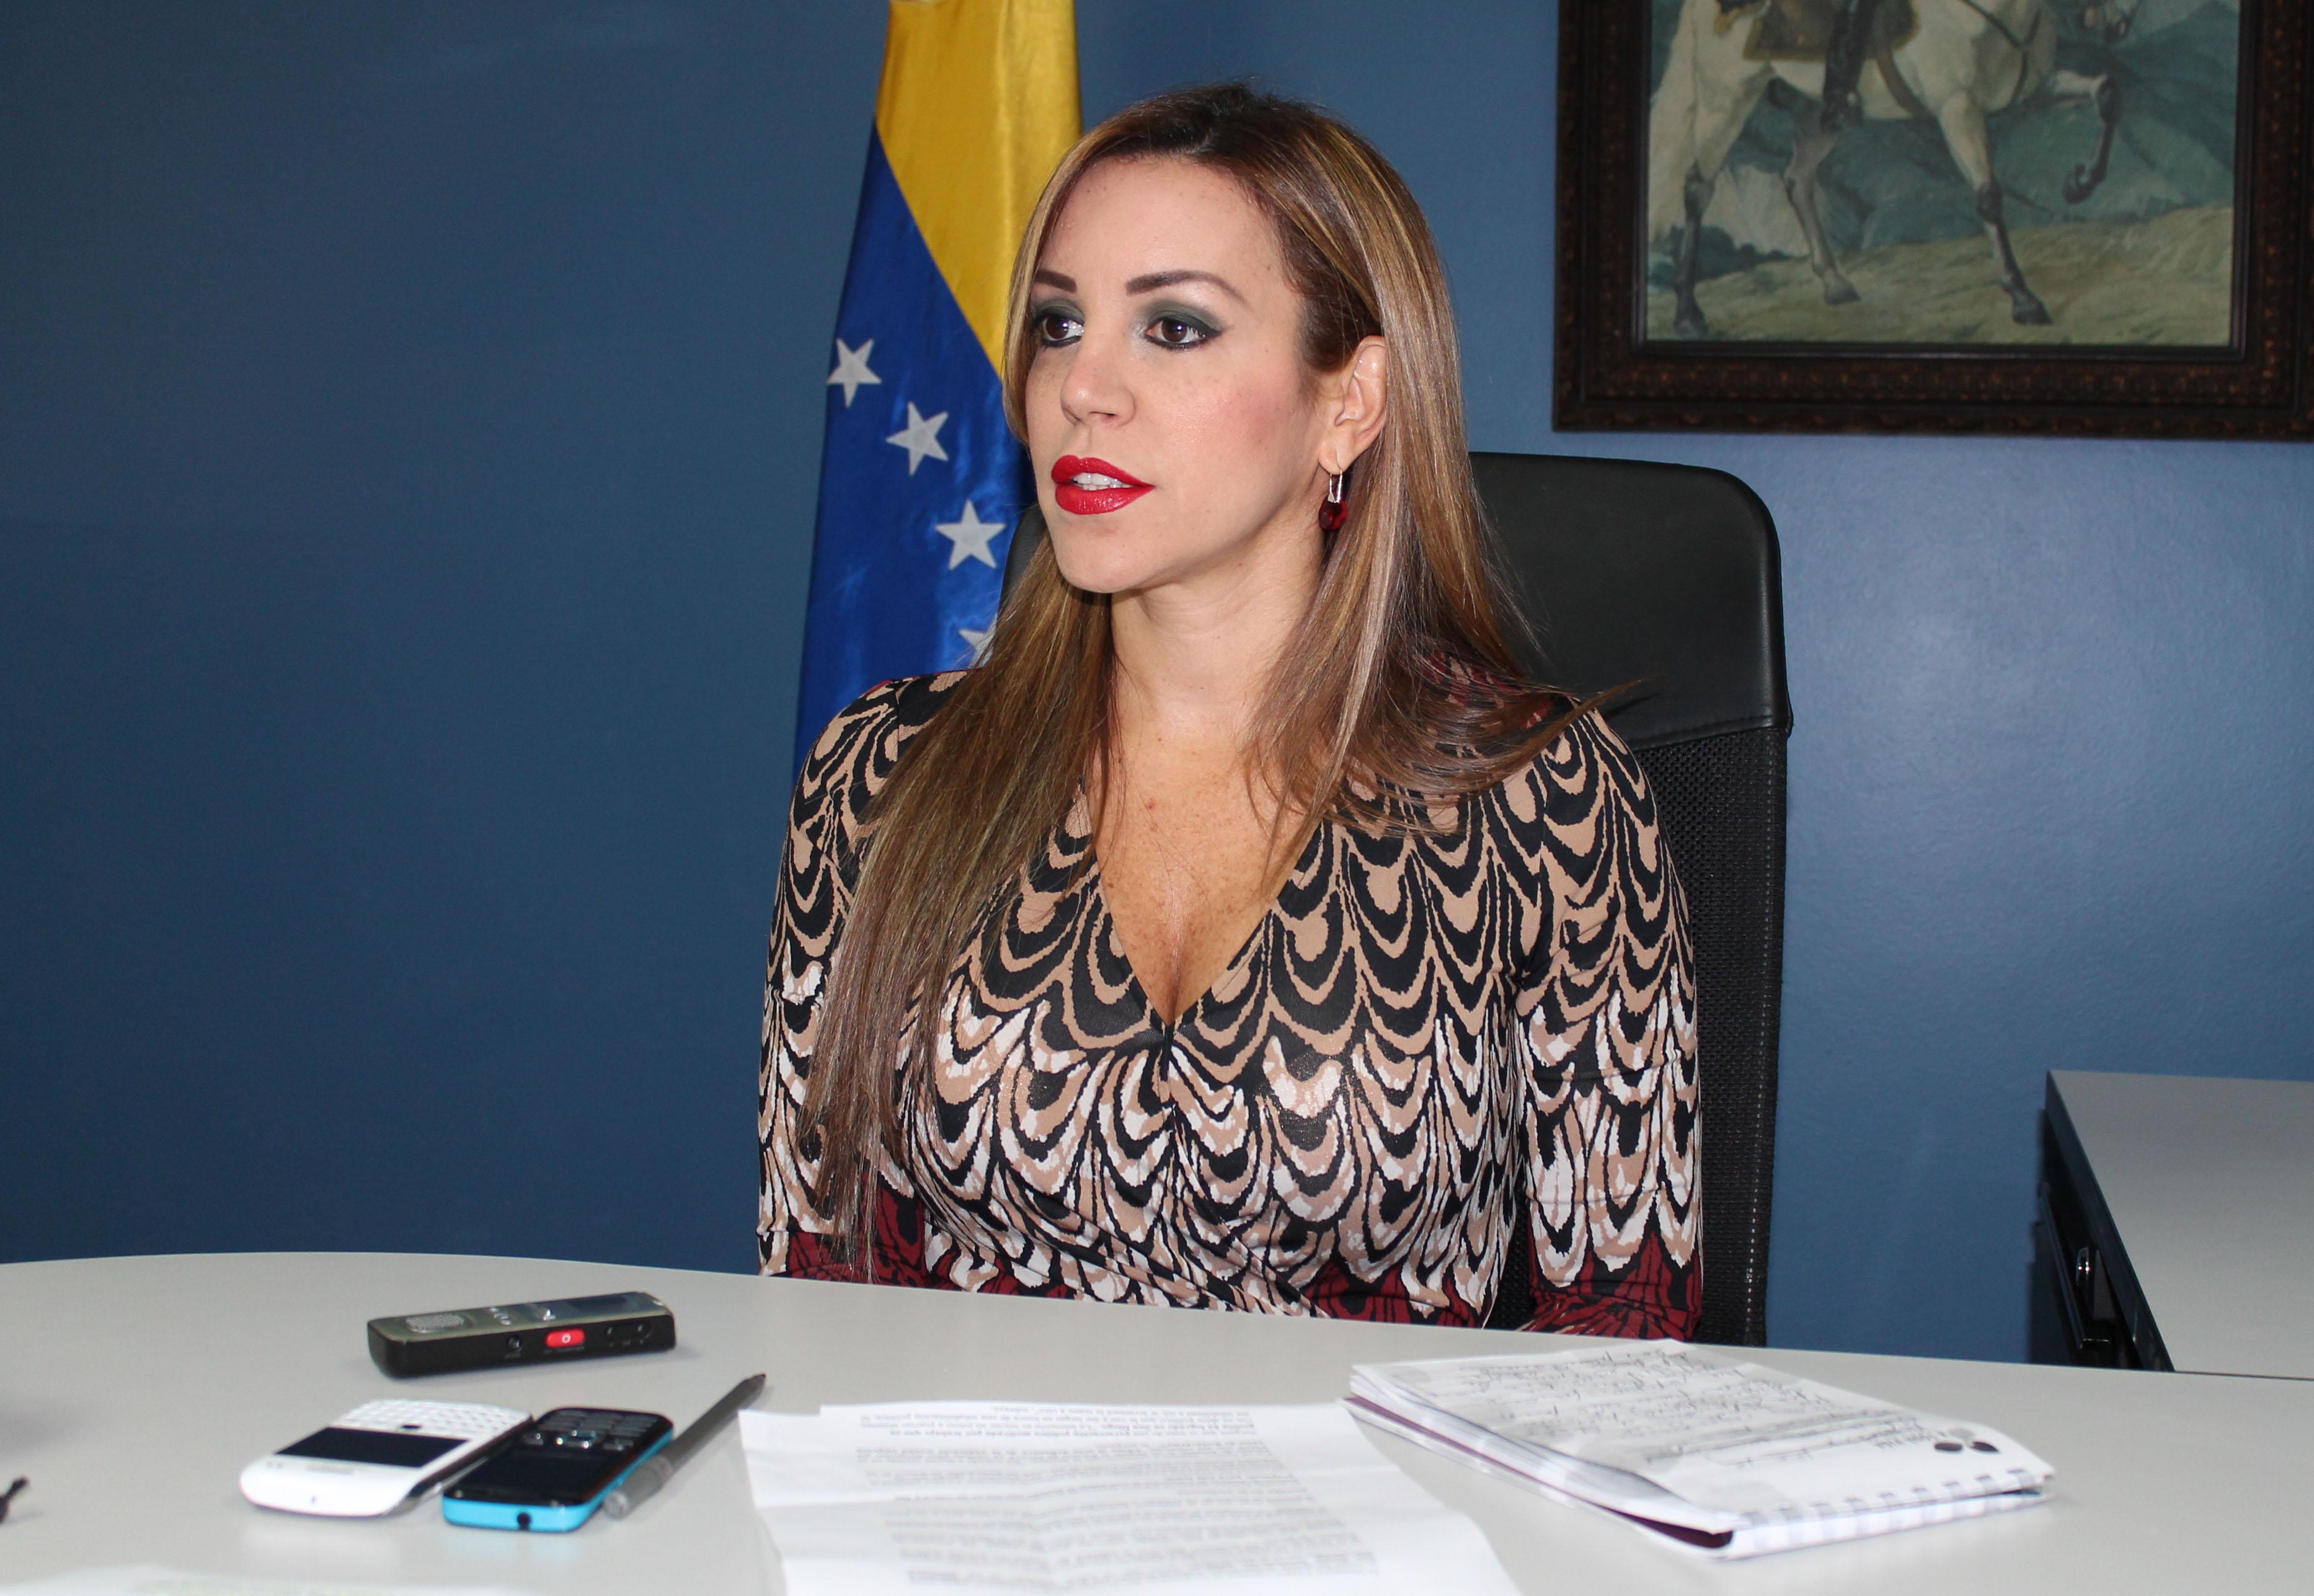 Circuito Judicial : Proceso judicial de alcalde scarano ha sido totalmente apegado a